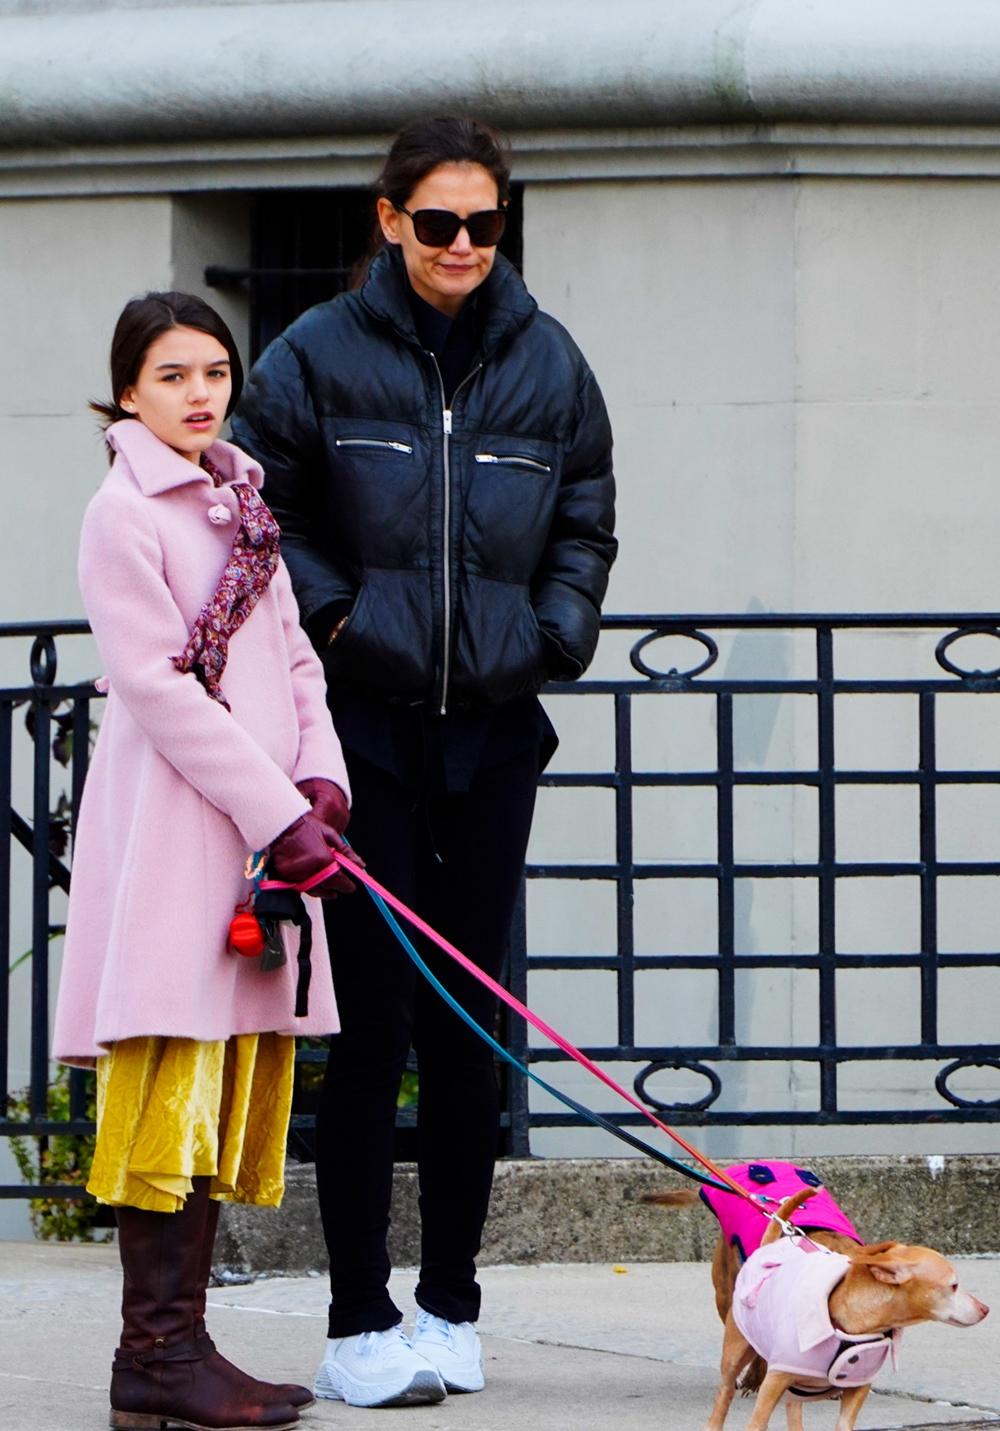 Suri dắt cún đi dạo cùng mẹ trong trang phục phối layer, điểm nhấn là áo khoác hồng dài đến đầu gối, để lộ chân váy nhung vàng. Cô bé tô điểm phong cách bằng găng tay màu đỏ tía, khăng quàng cổ hoa văn cổ điển và boots da lộn giữ ấm.